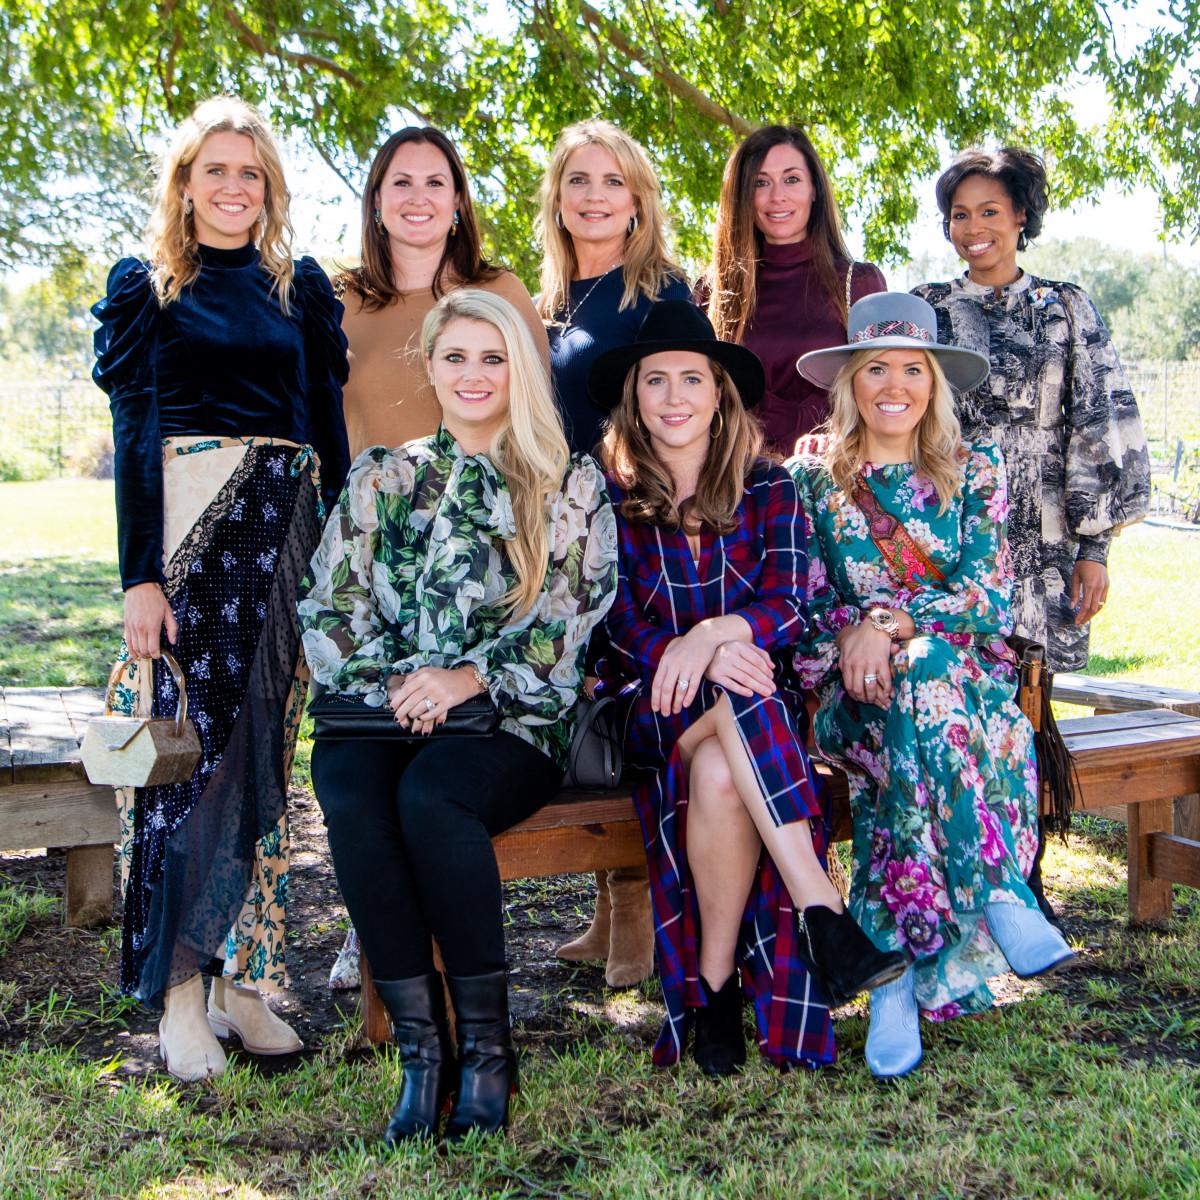 Fashion in the Fields 2019 Chairs & Co-Chairs - Lyndsey Zorich, Semmes Burns, Melissa Juneau, Elizabeth Dwyer, Roslyn Bazzelle Mitchel, Christine Falgout-Gutknecht, Mary Patton, Amanda Boffone_0113_RFSFashionInTheField_111019_MCW.jpg